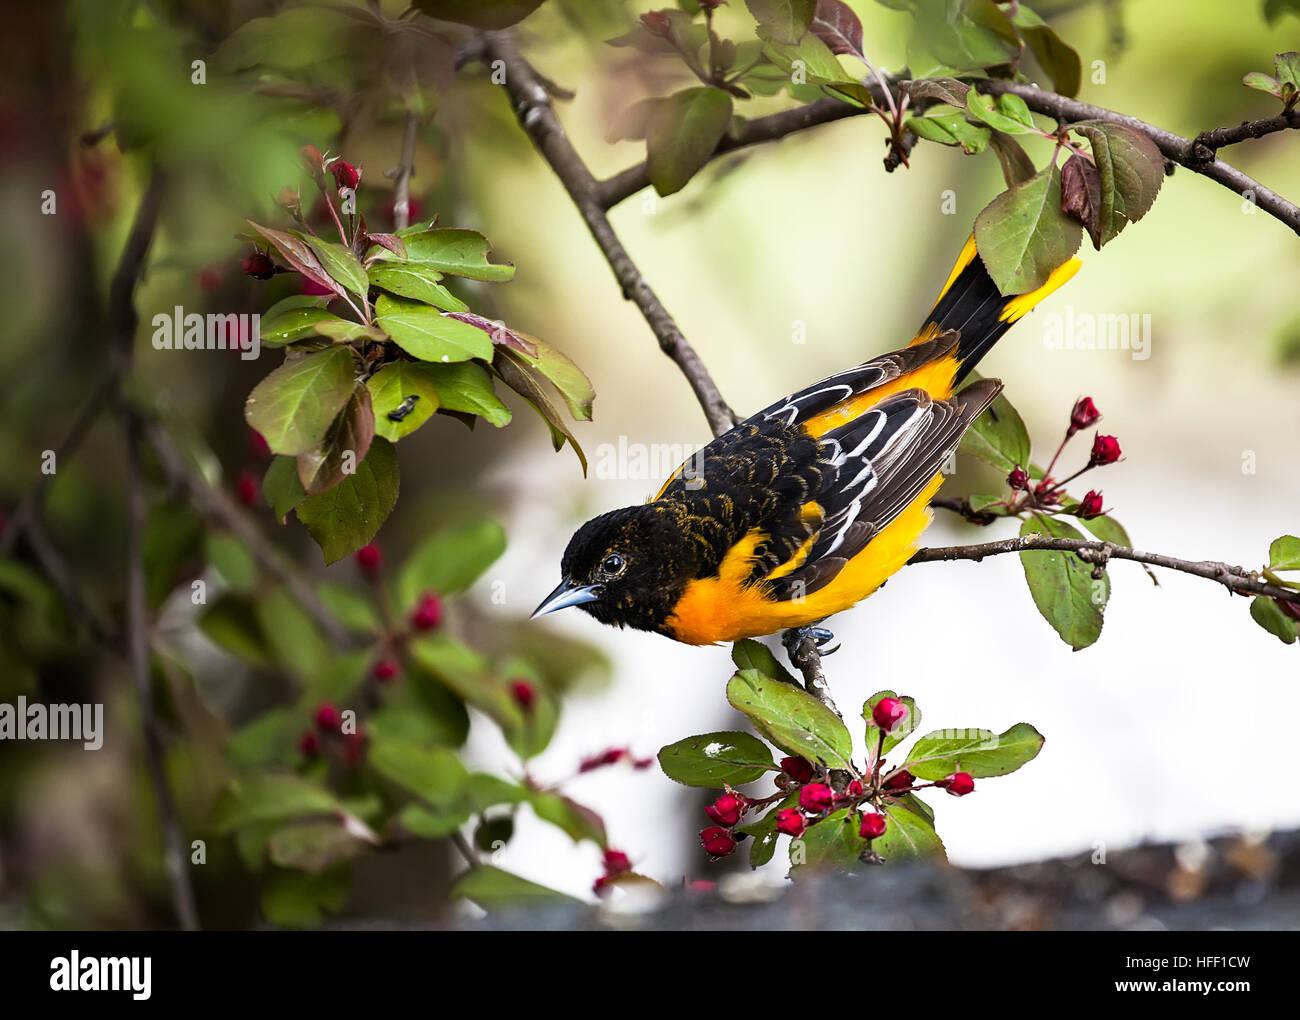 Macho adulto de Baltimore oriole, ictericia, galbula sorprendentemente colorista en el plumaje. Foto de stock